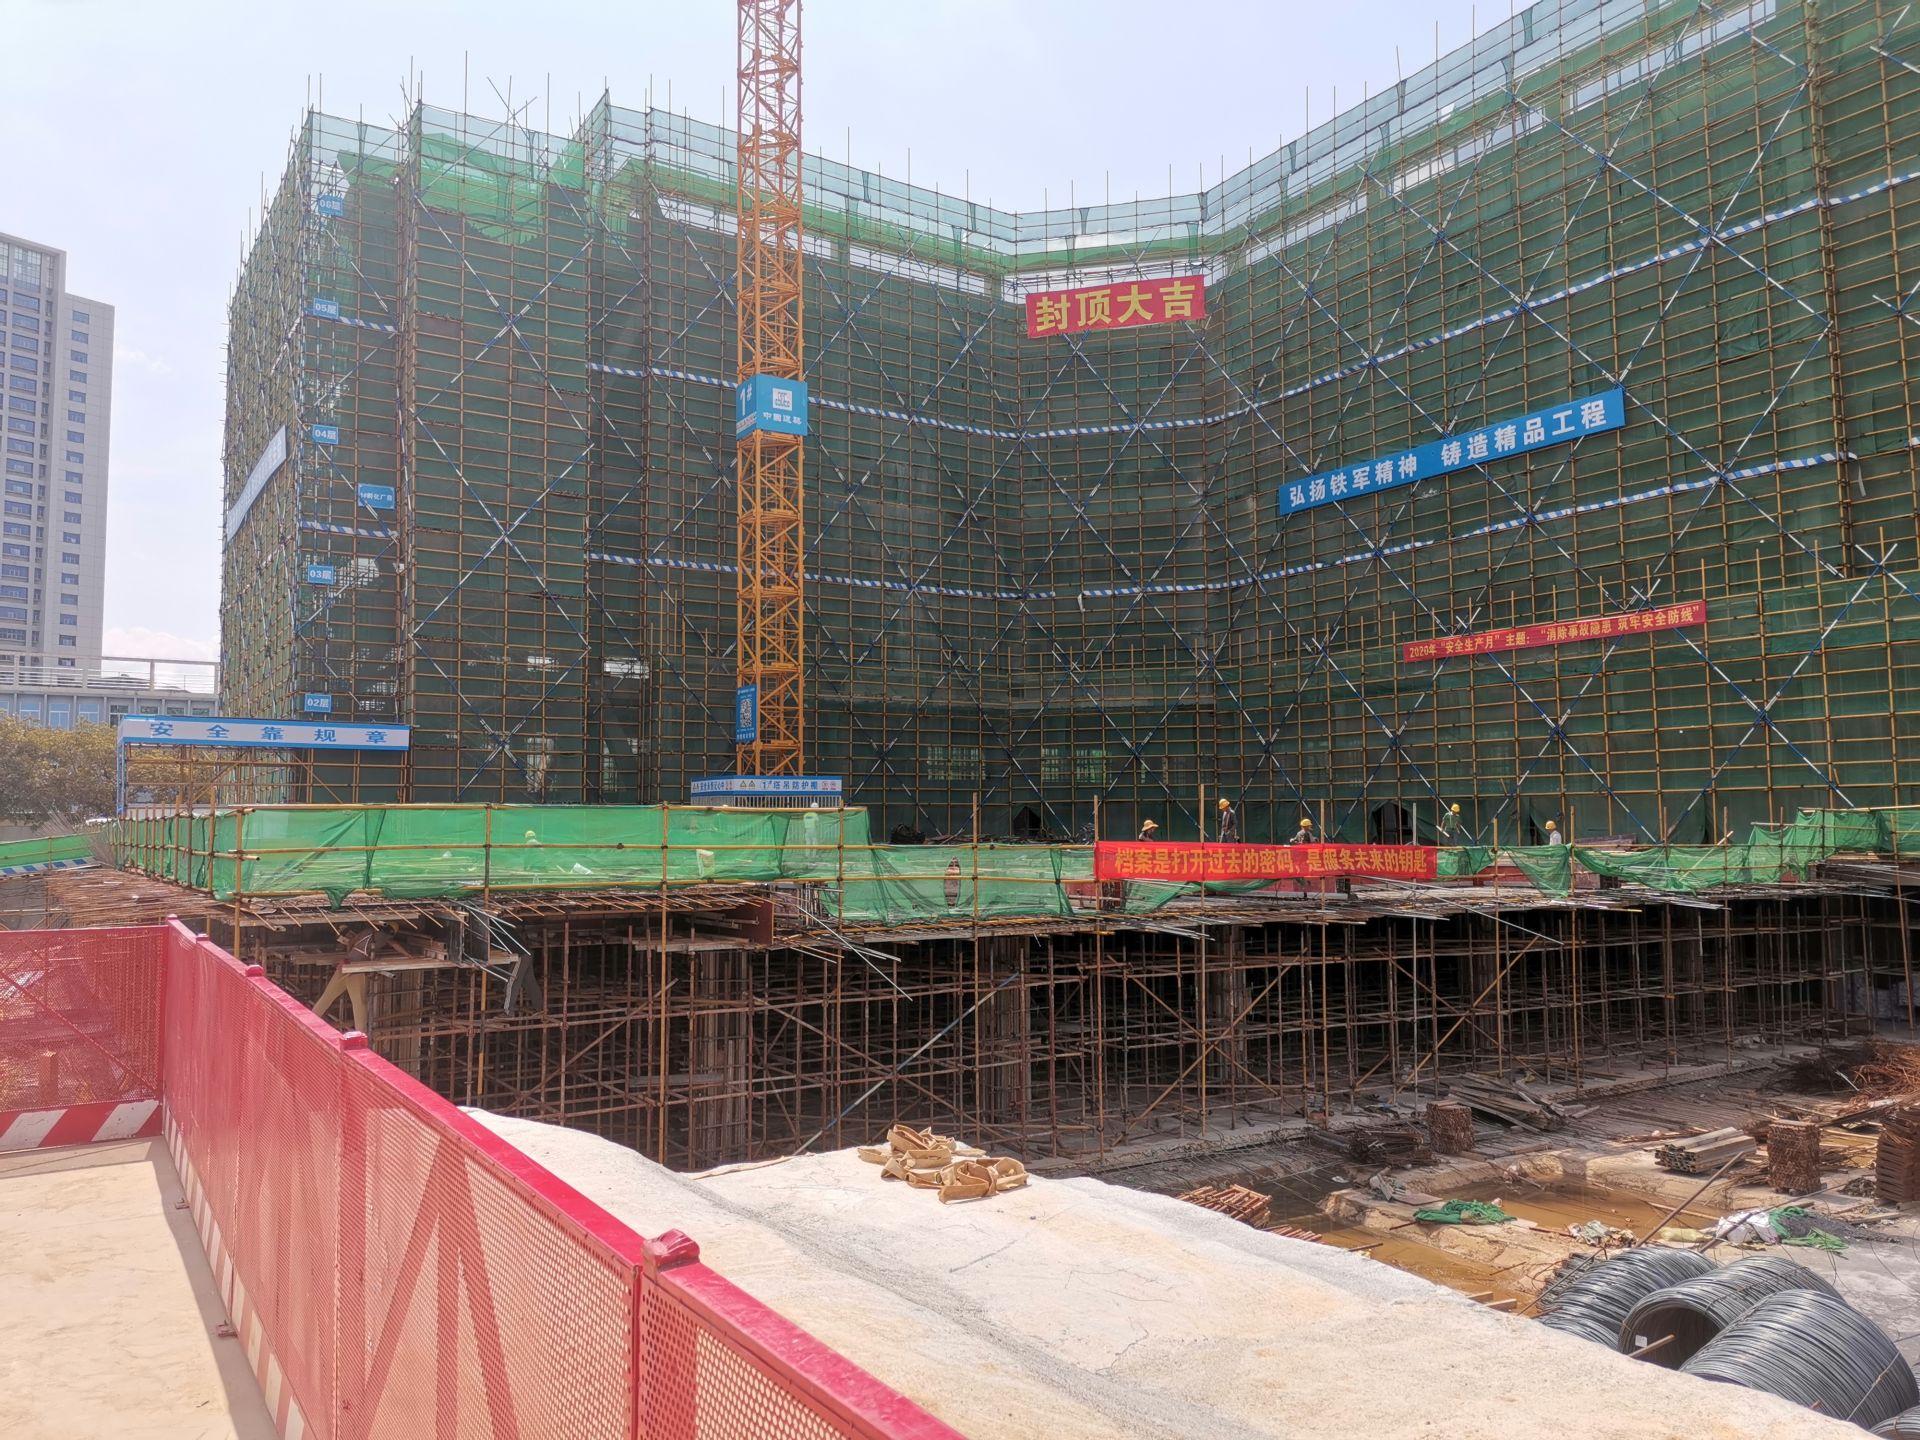 广西大学科技园升级规划建设项目进展顺利